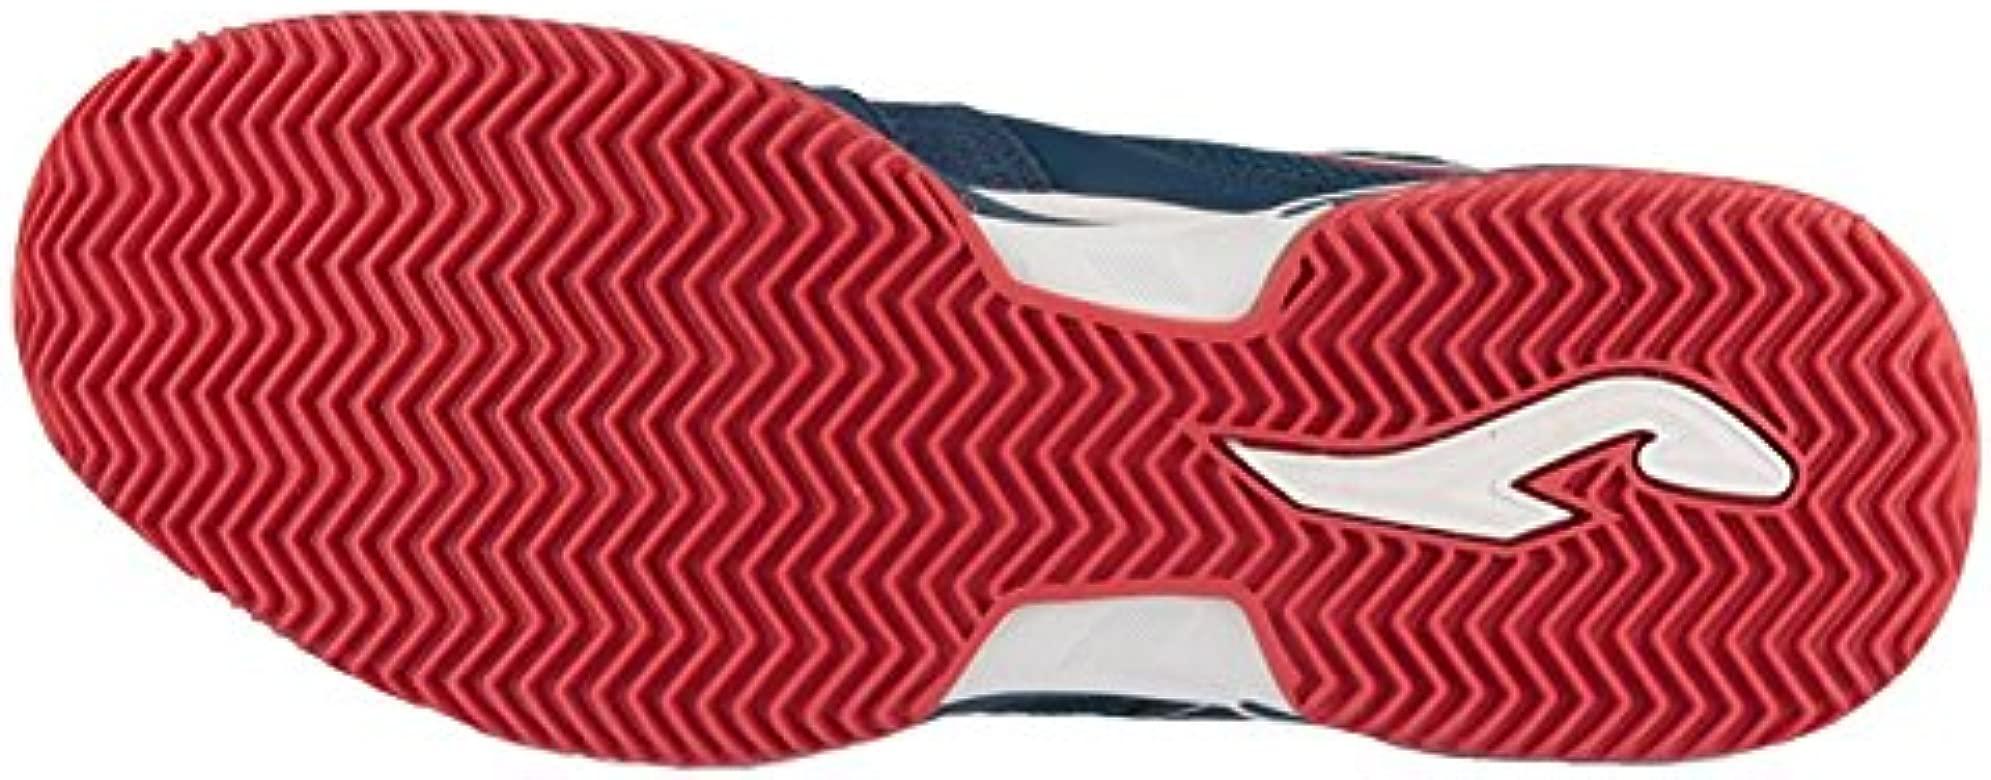 Zapatilla Joma Padel Set Clay Navy-Red Talla 42 EUR: Amazon.es ...